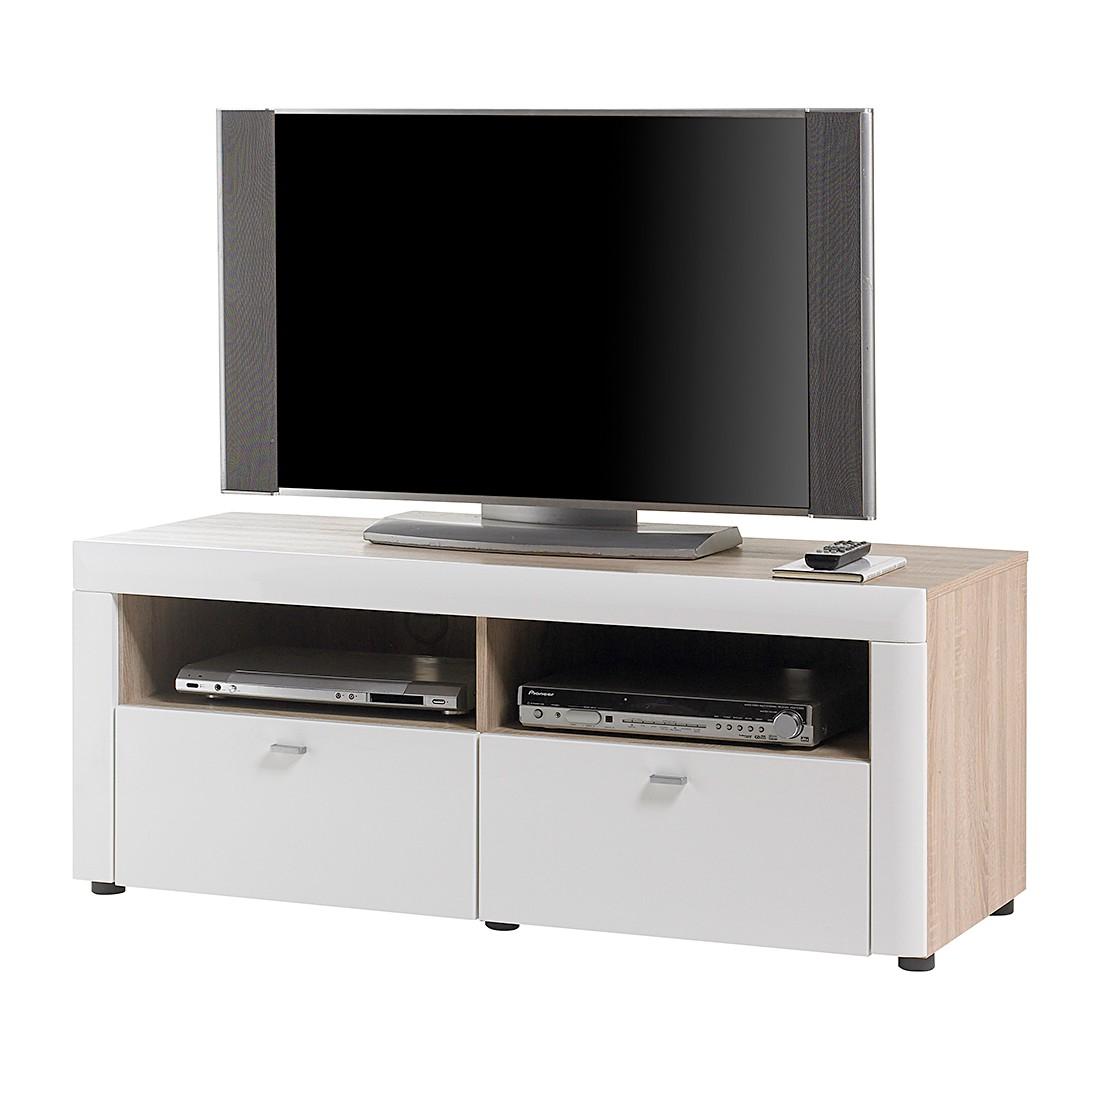 Lowboard Weiß Hochglanz Preisvergleich • Die besten  -> Tv Lowboard Eiche Sonoma